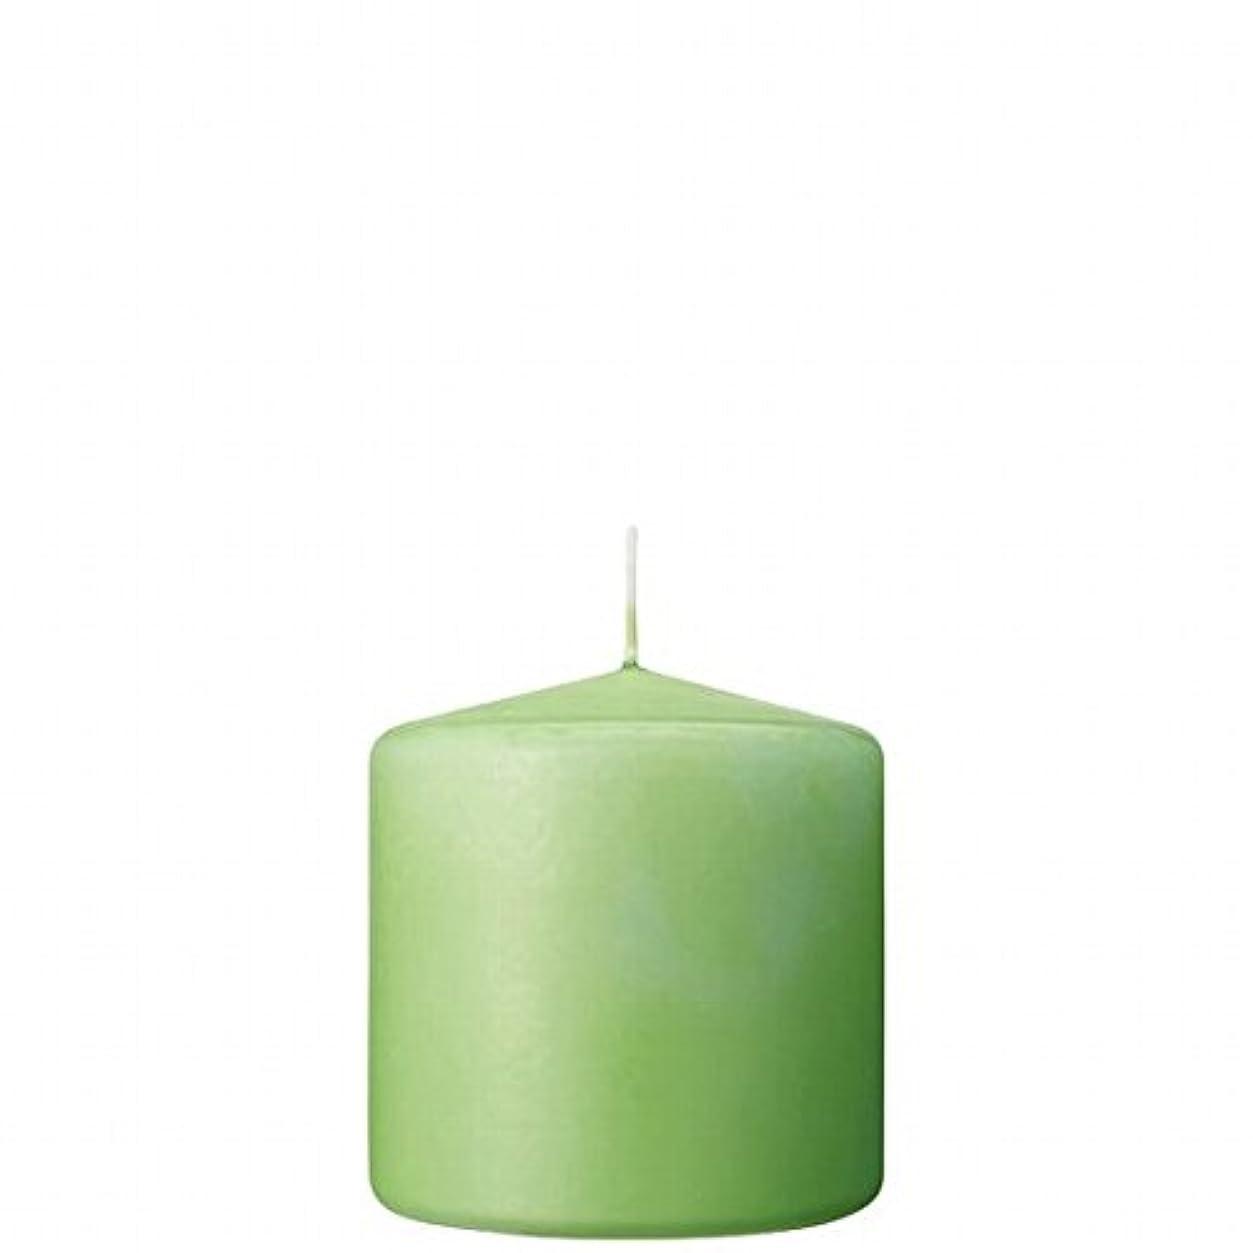 ひらめき前奏曲気候カメヤマキャンドル(kameyama candle) 3×3ベルトップピラーキャンドル 「 ライム 」